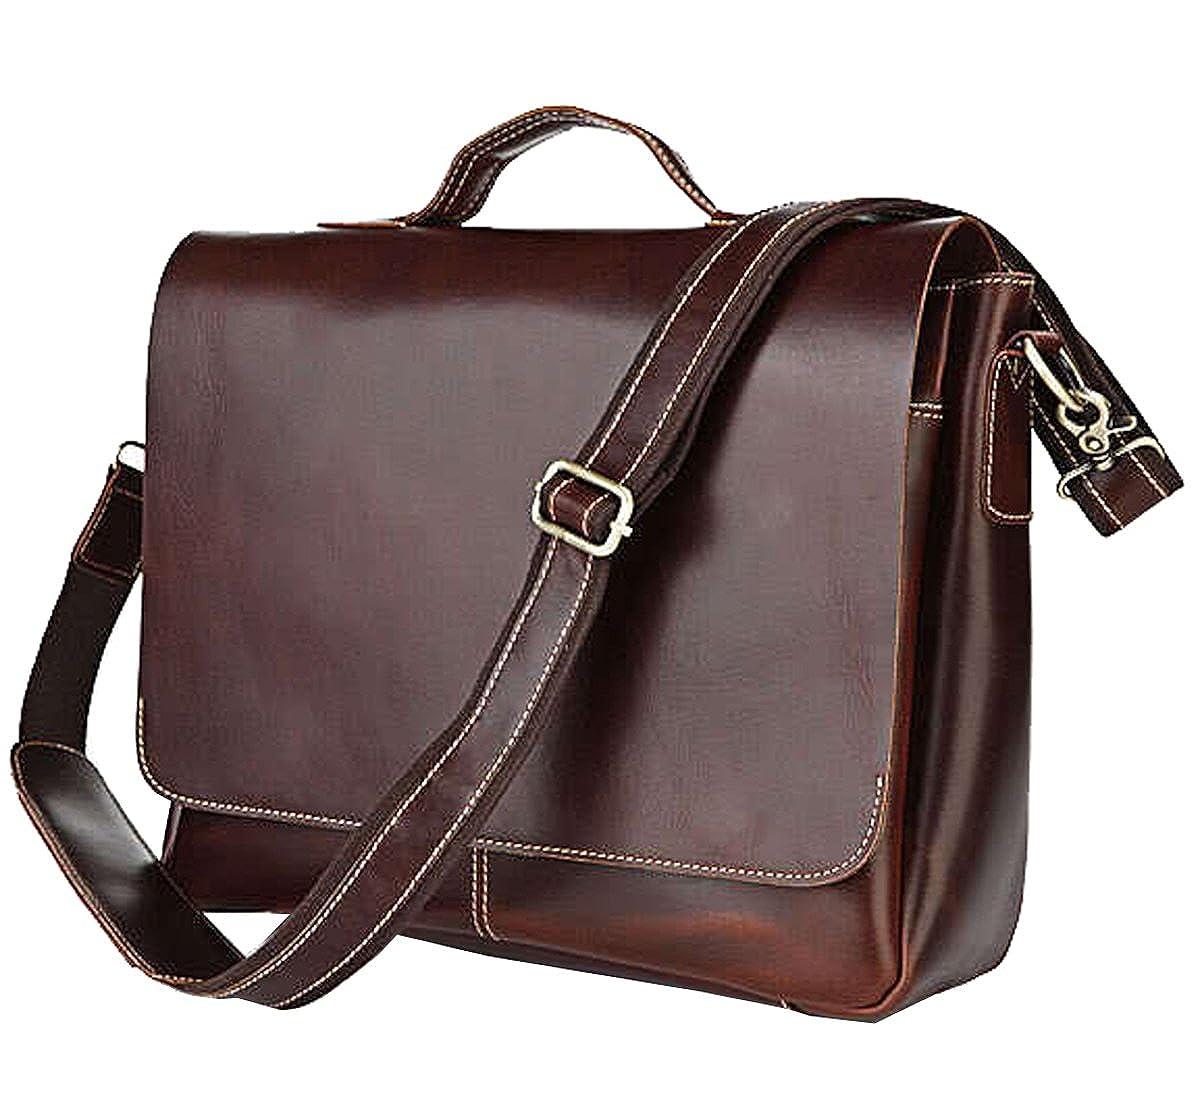 Berchirlyレトロ本革メッセンジャーメンズショルダーバッグFits 15インチラップトップMac B01LWT7PIN ワインレッド Leather Briefcase